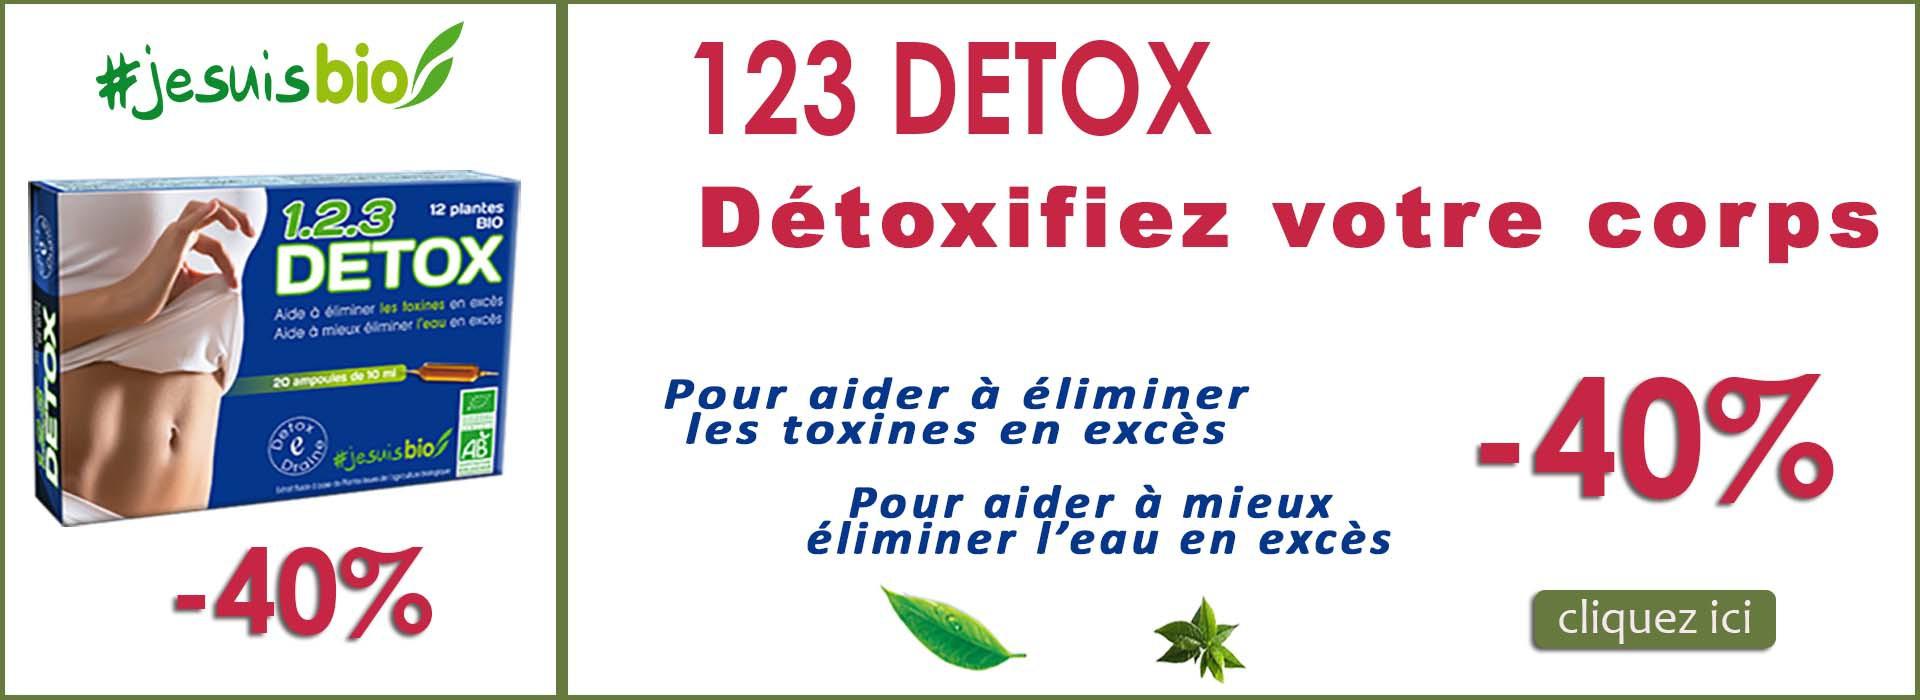 123 detox promotion -40 pourcent